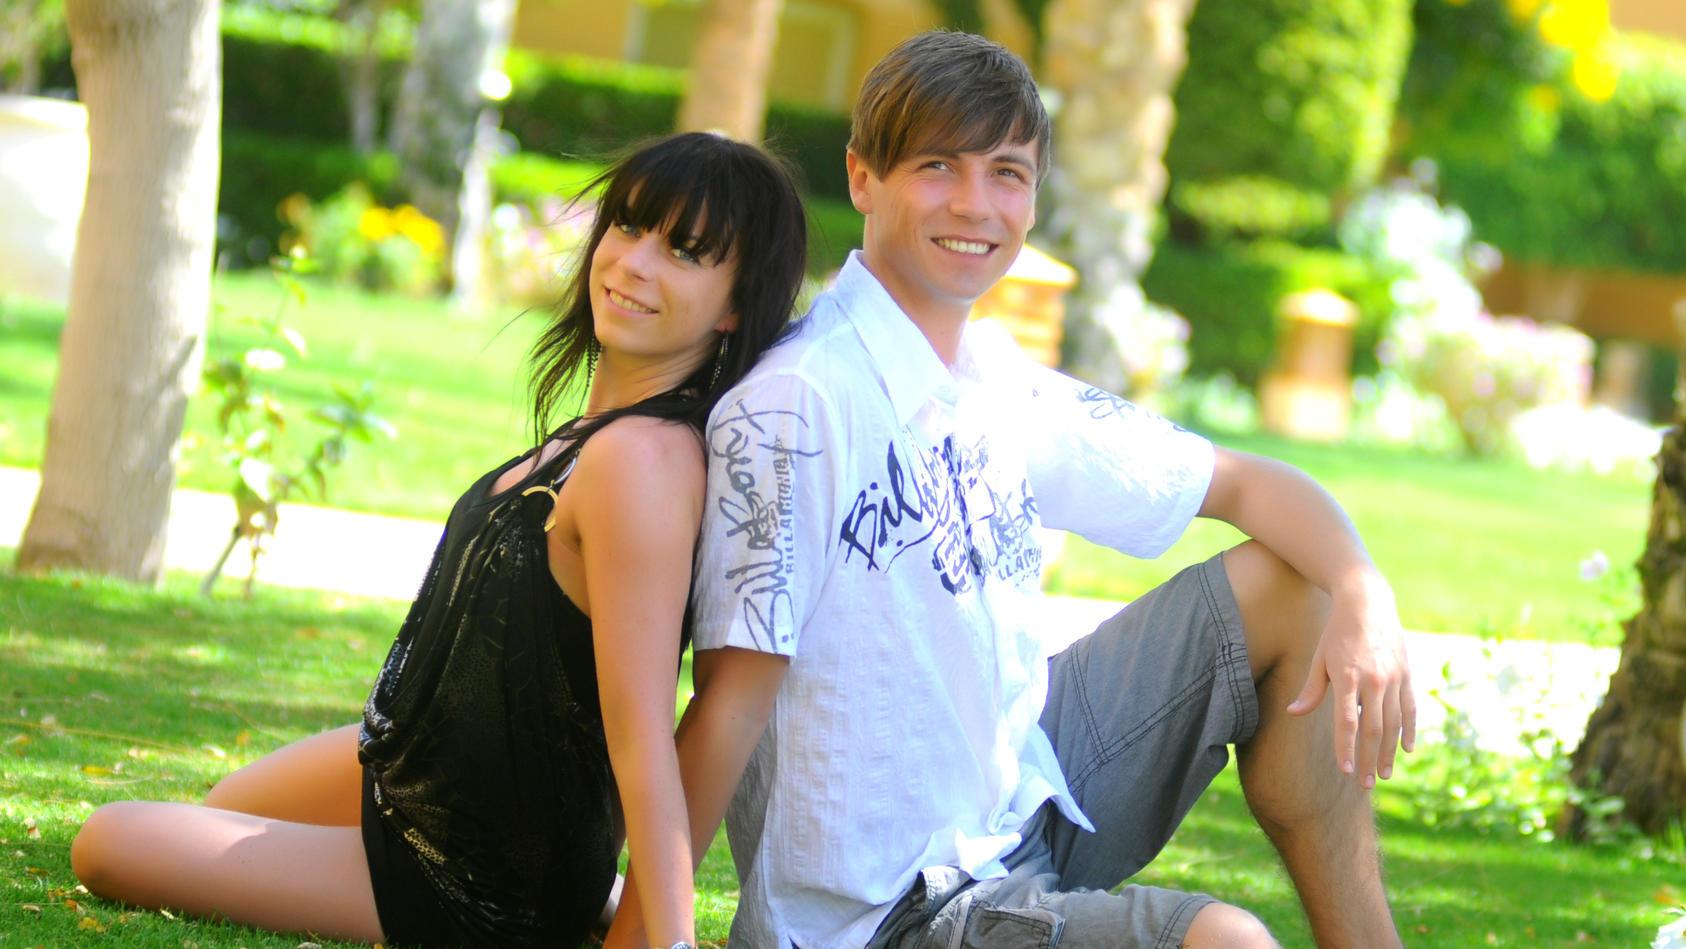 Janina und Benjamin sind schon lange ein Paar. Ihr Hochzeitstag wird gleichzeitig das 8-jährige Jubiläum ihrer Beziehung sein.